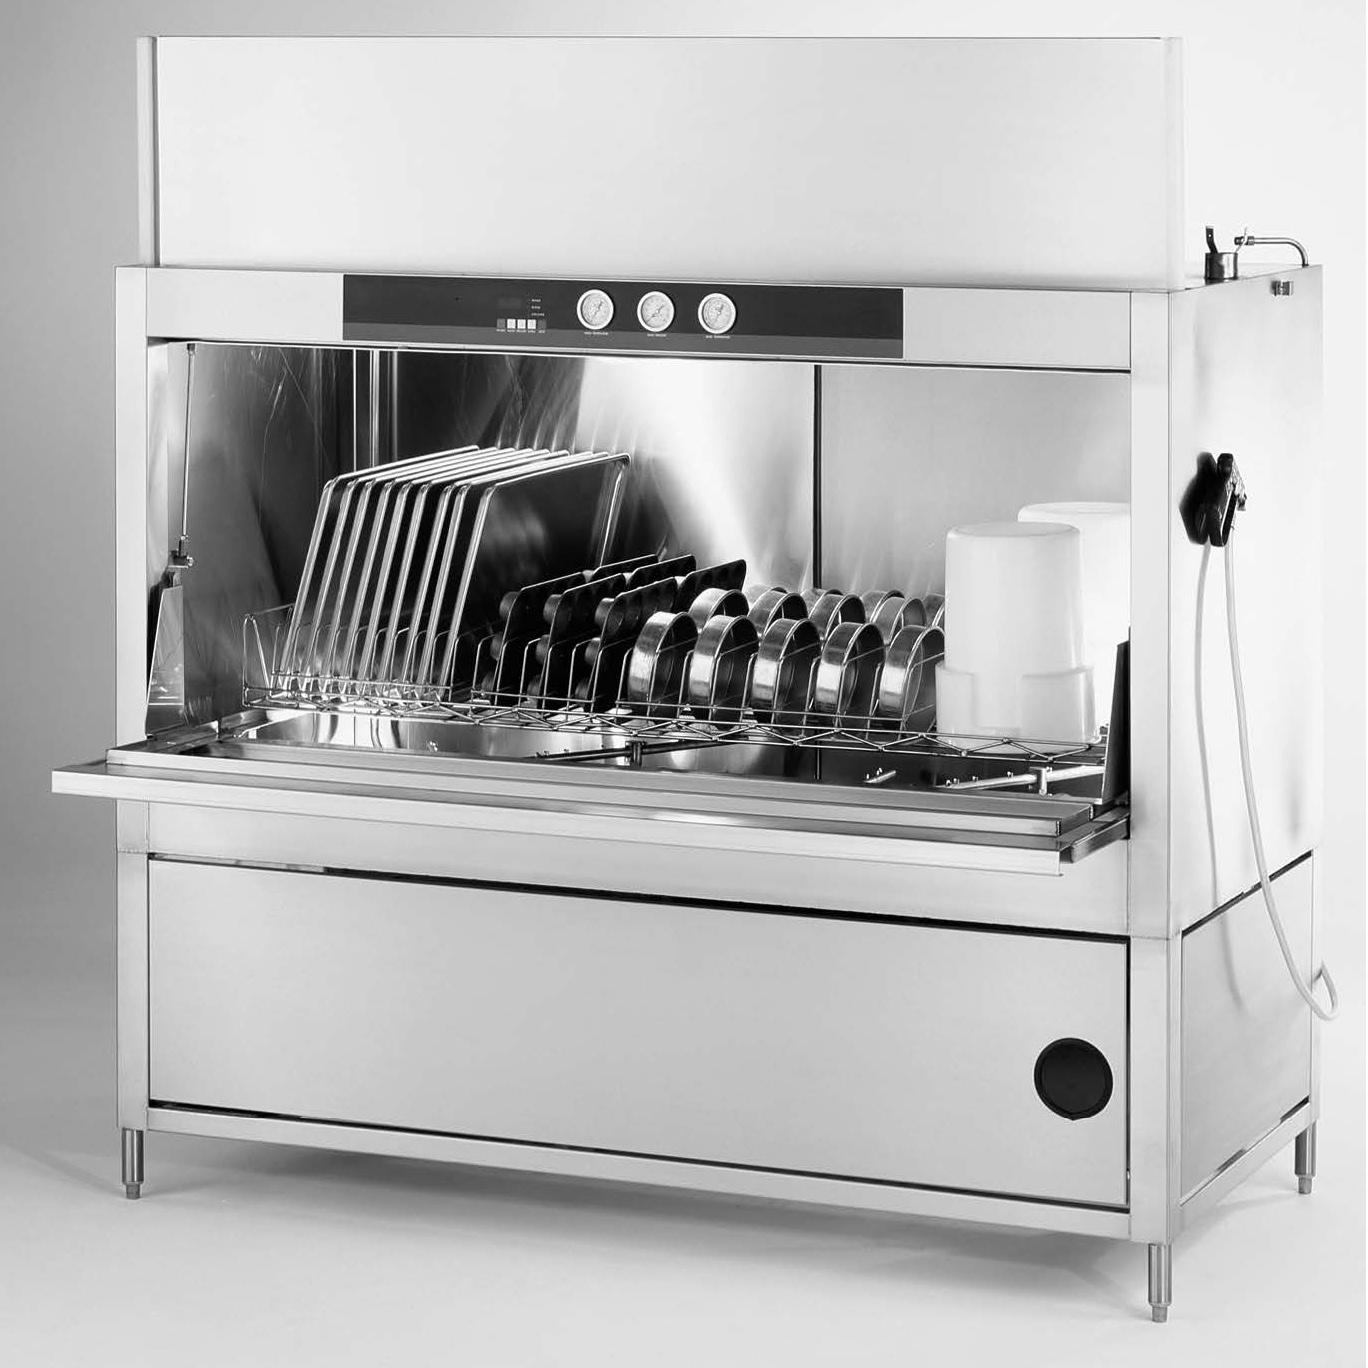 Champion PP-36 dishwasher, pot/pan/utensil, door type